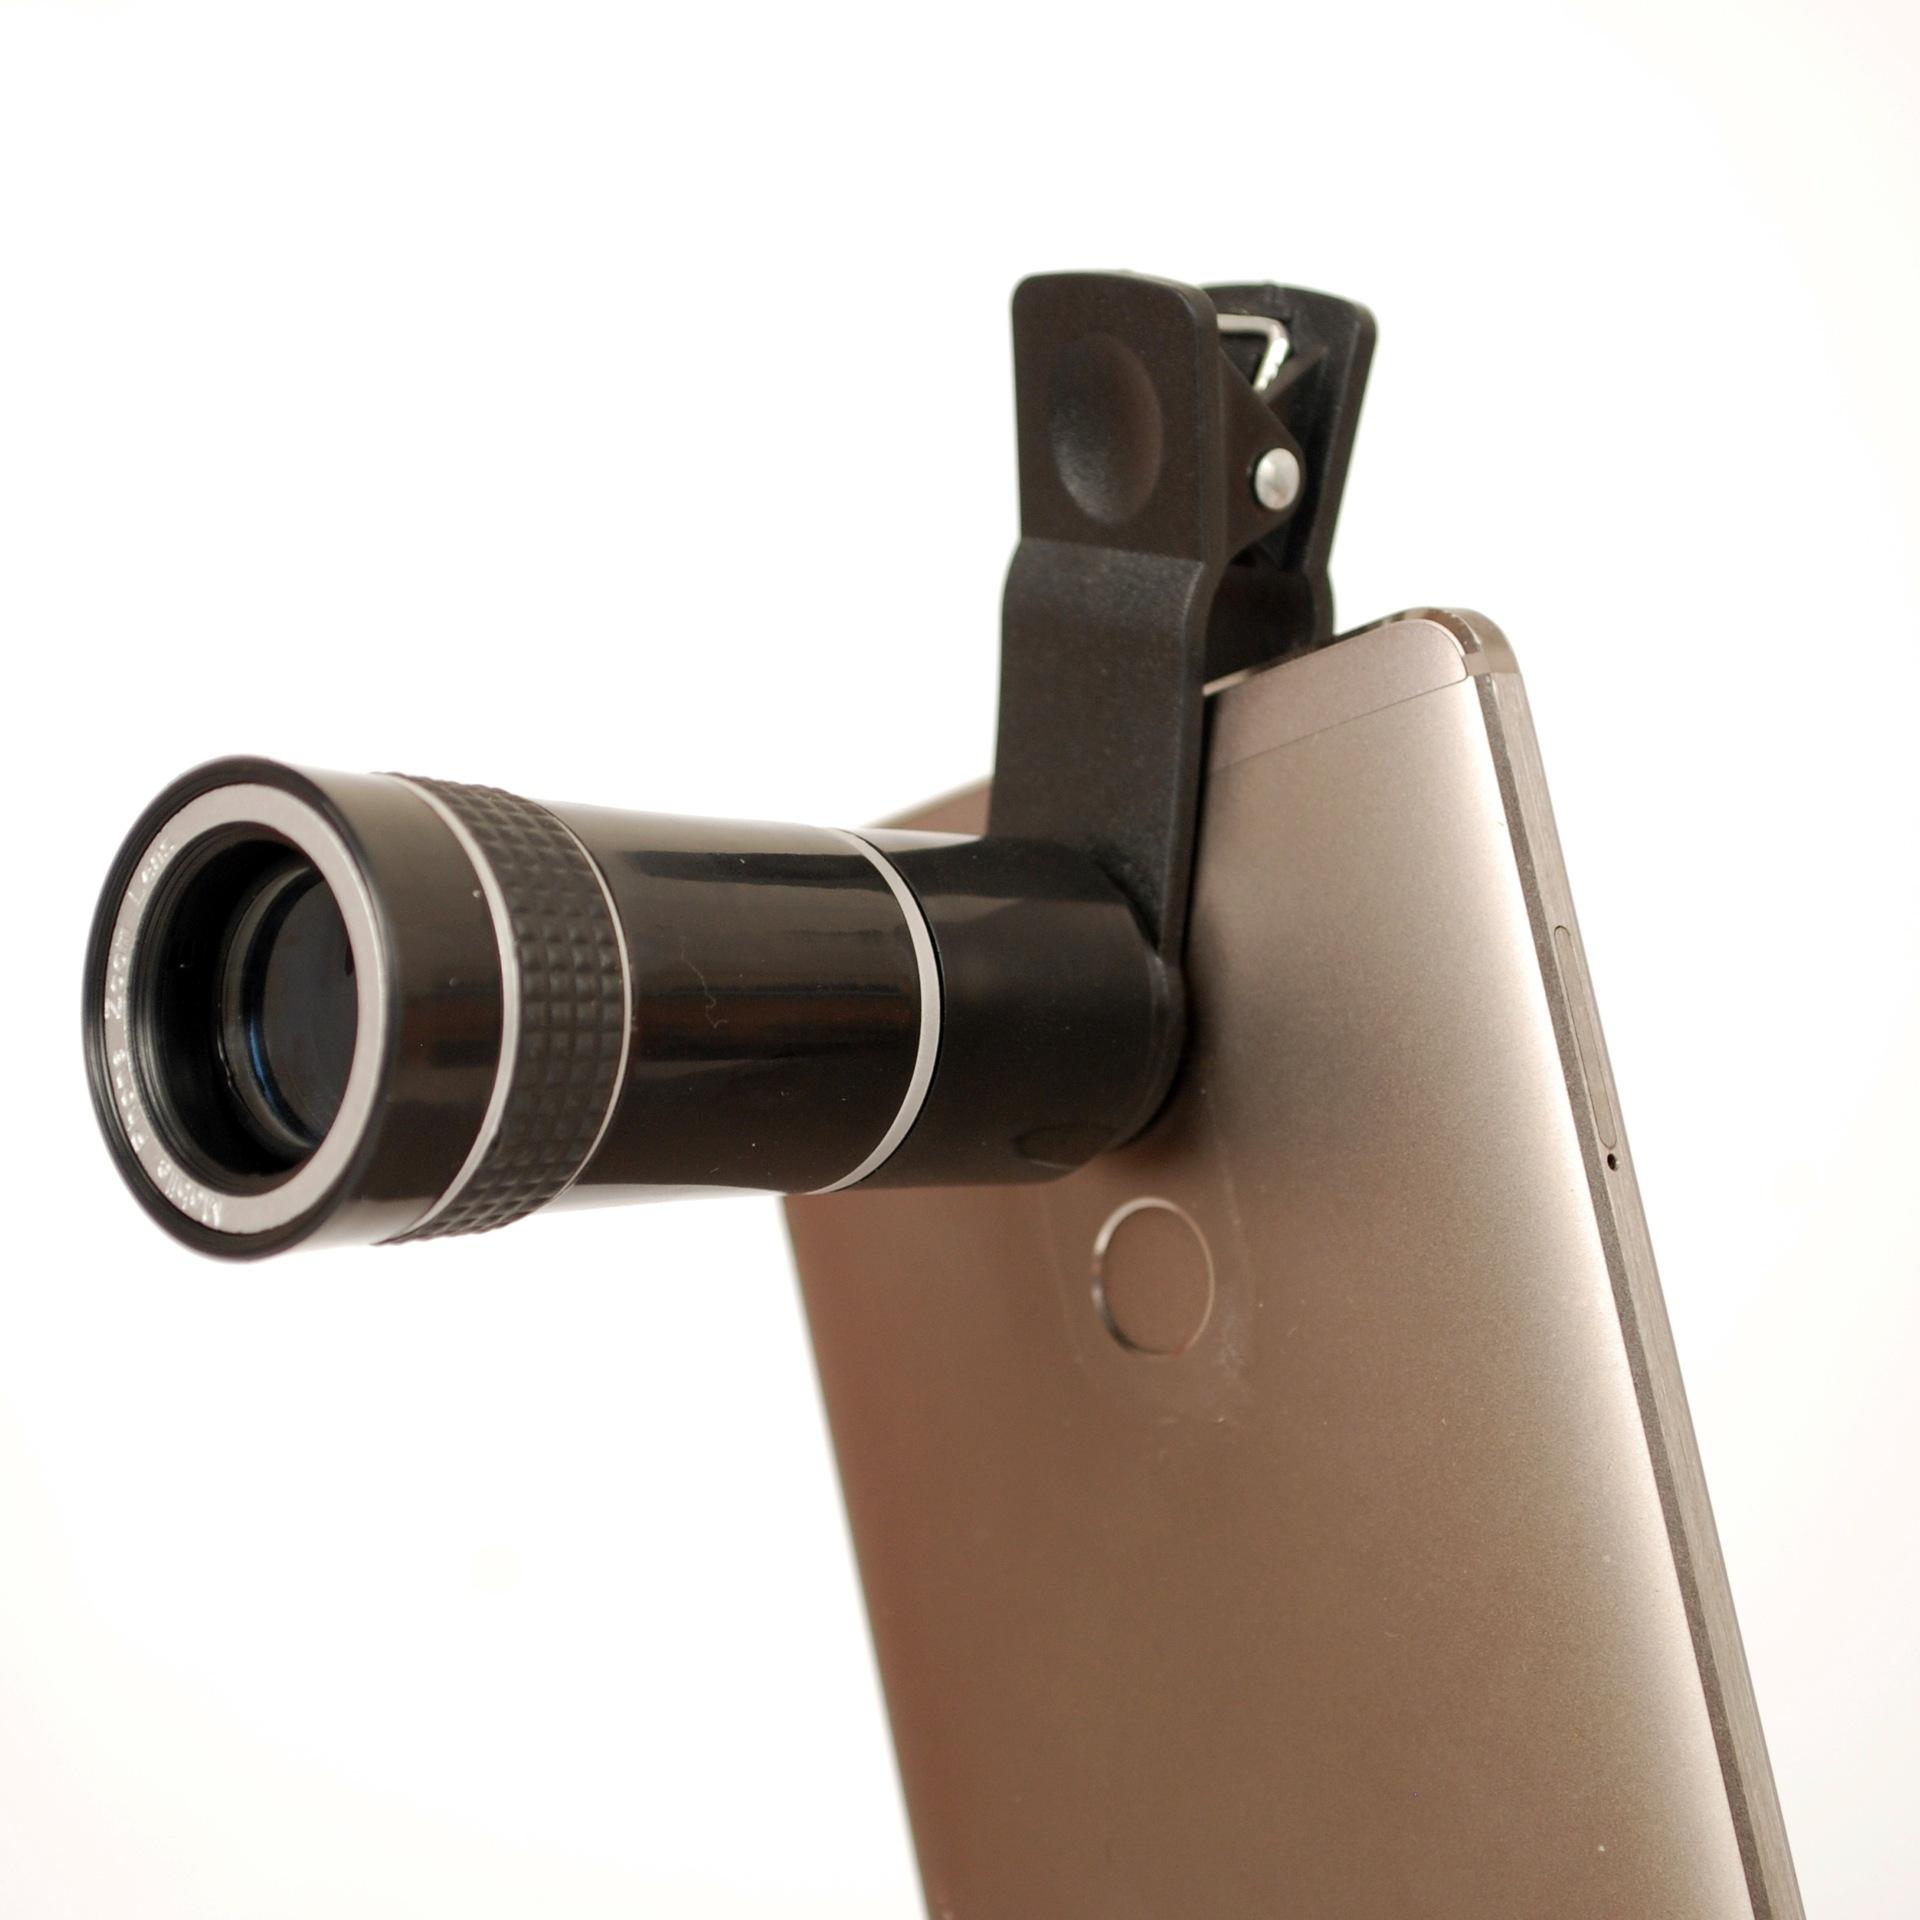 Lentille pour téléphone portable - Ref 3374368 Image 26